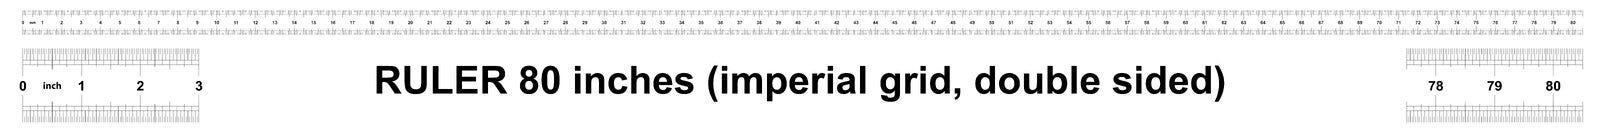 Heerser 80 duim keizer De afdelingsprijs is 1/32 duim Tweezijdige heerser Nauwkeurig metend hulpmiddel Kaliberbepalingsnet stock illustratie